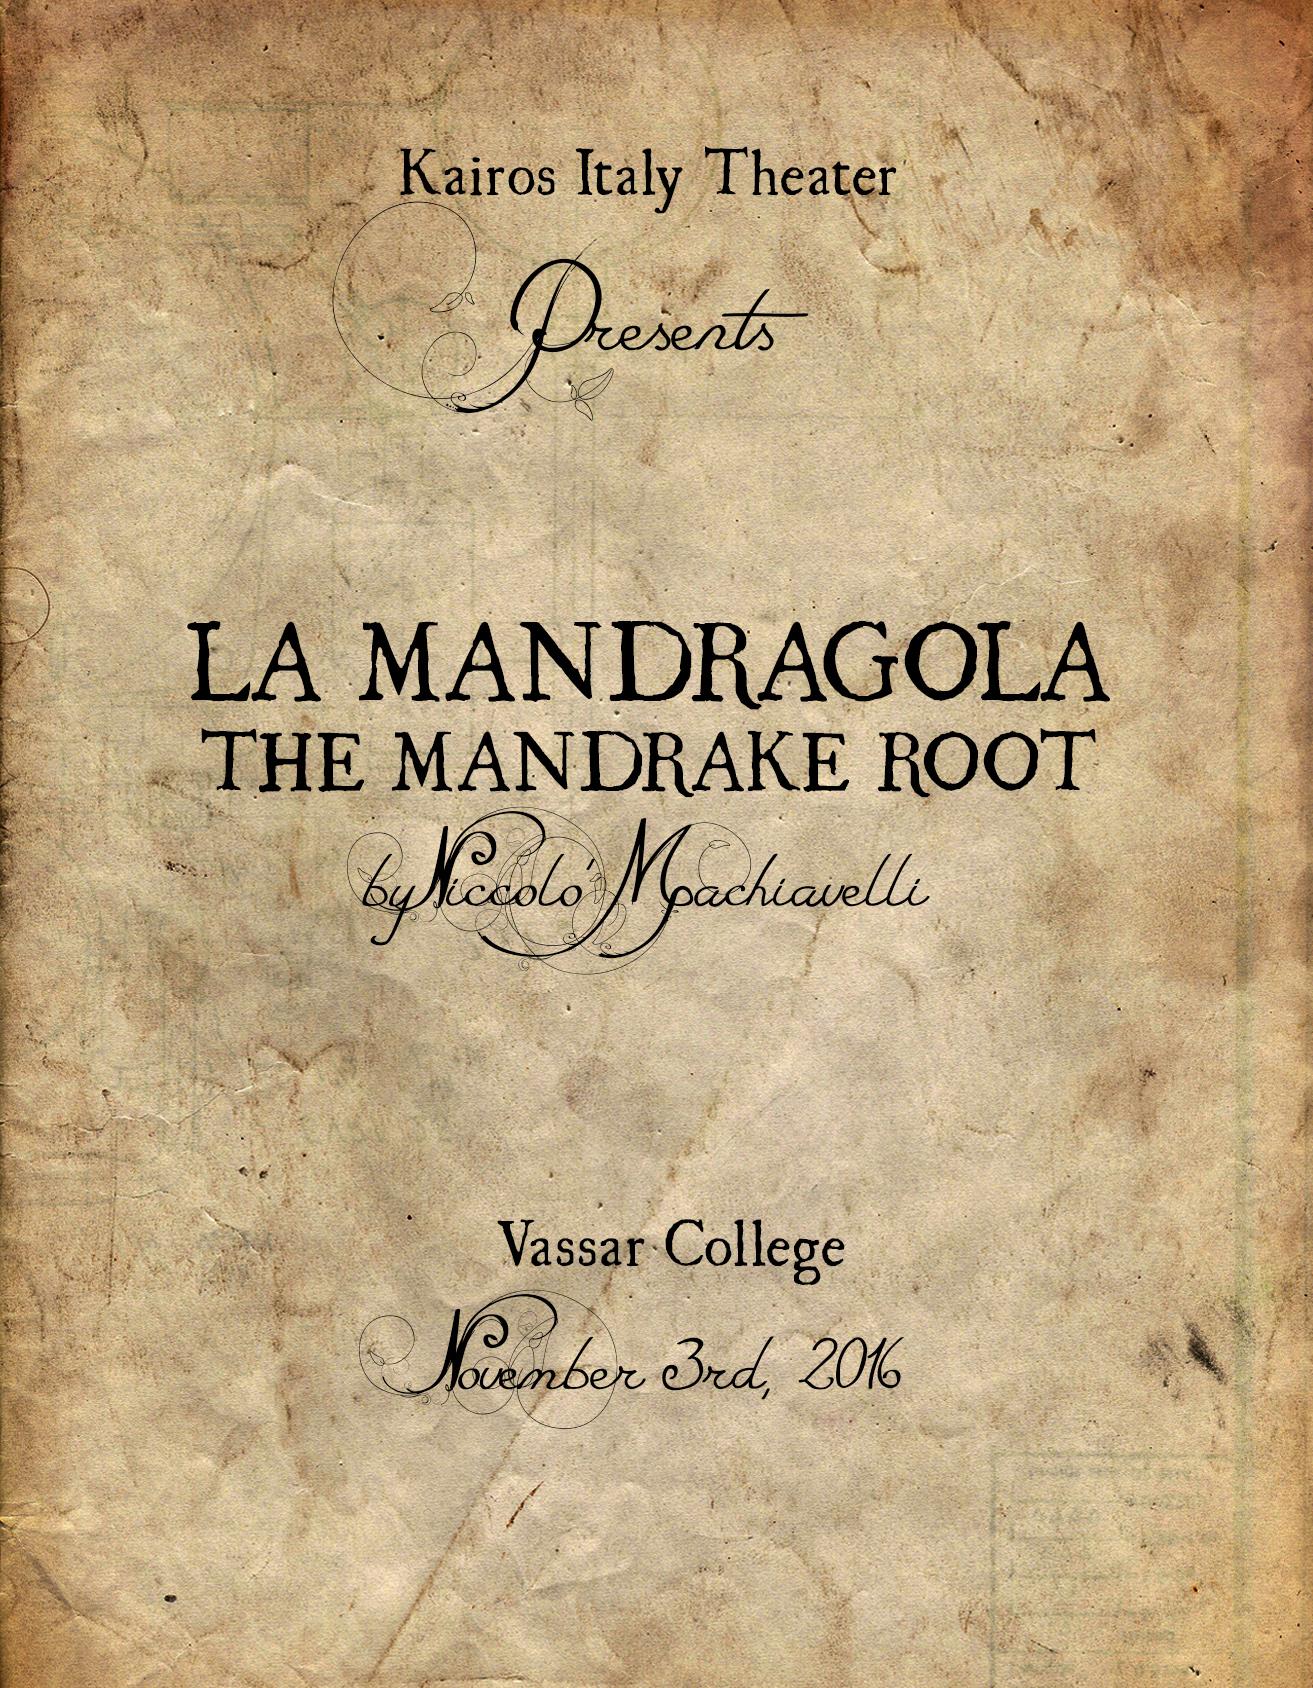 LA MANDRAGOLA  THE MANDRAKE ROOT  Kairos Italy Theater